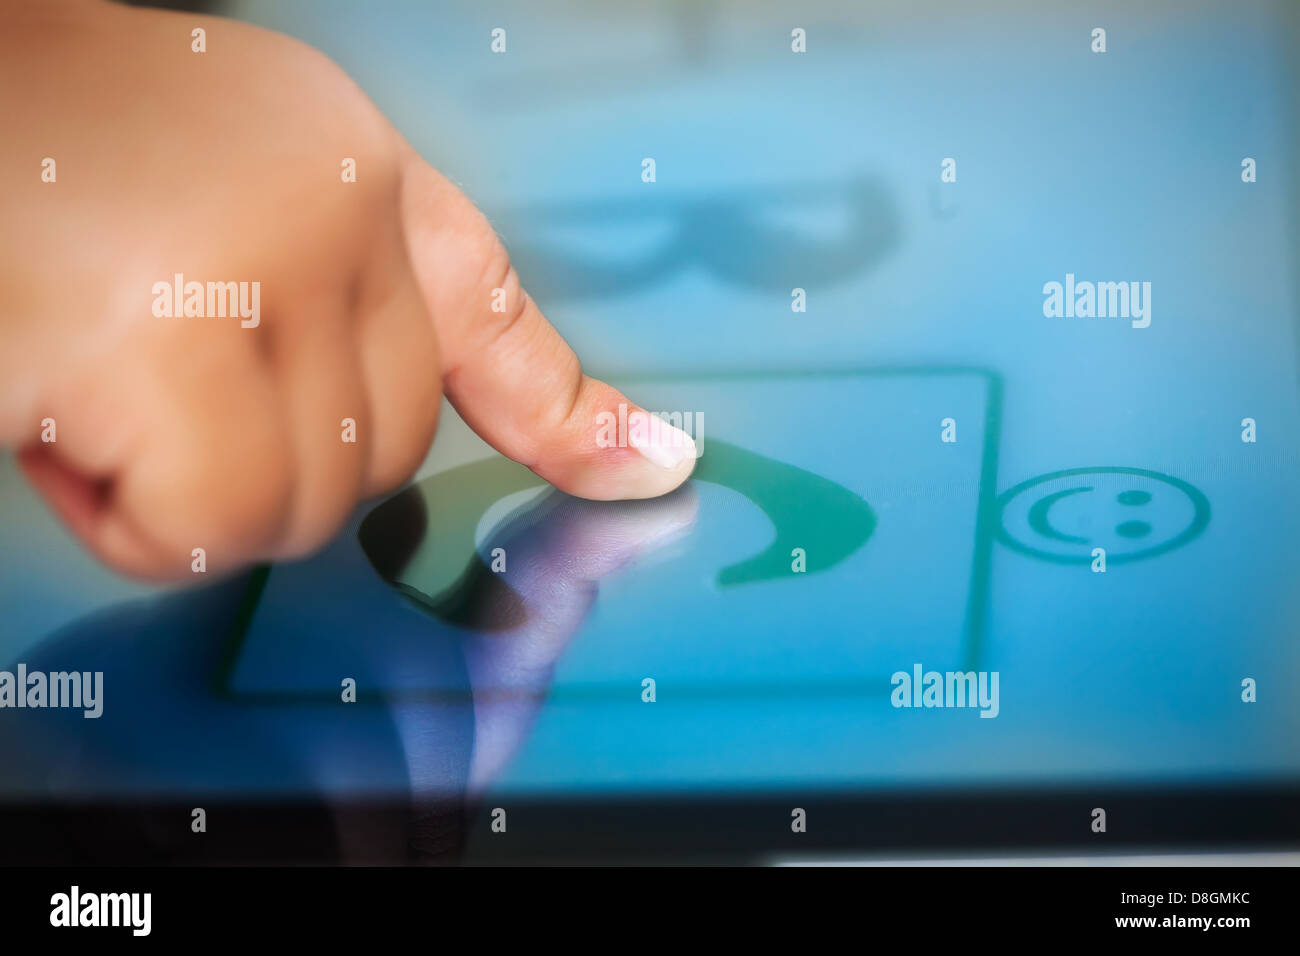 """A los niños pequeños"""" el dedo en una pantalla táctil de Tablet aprender el alfabeto usando el Imagen De Stock"""